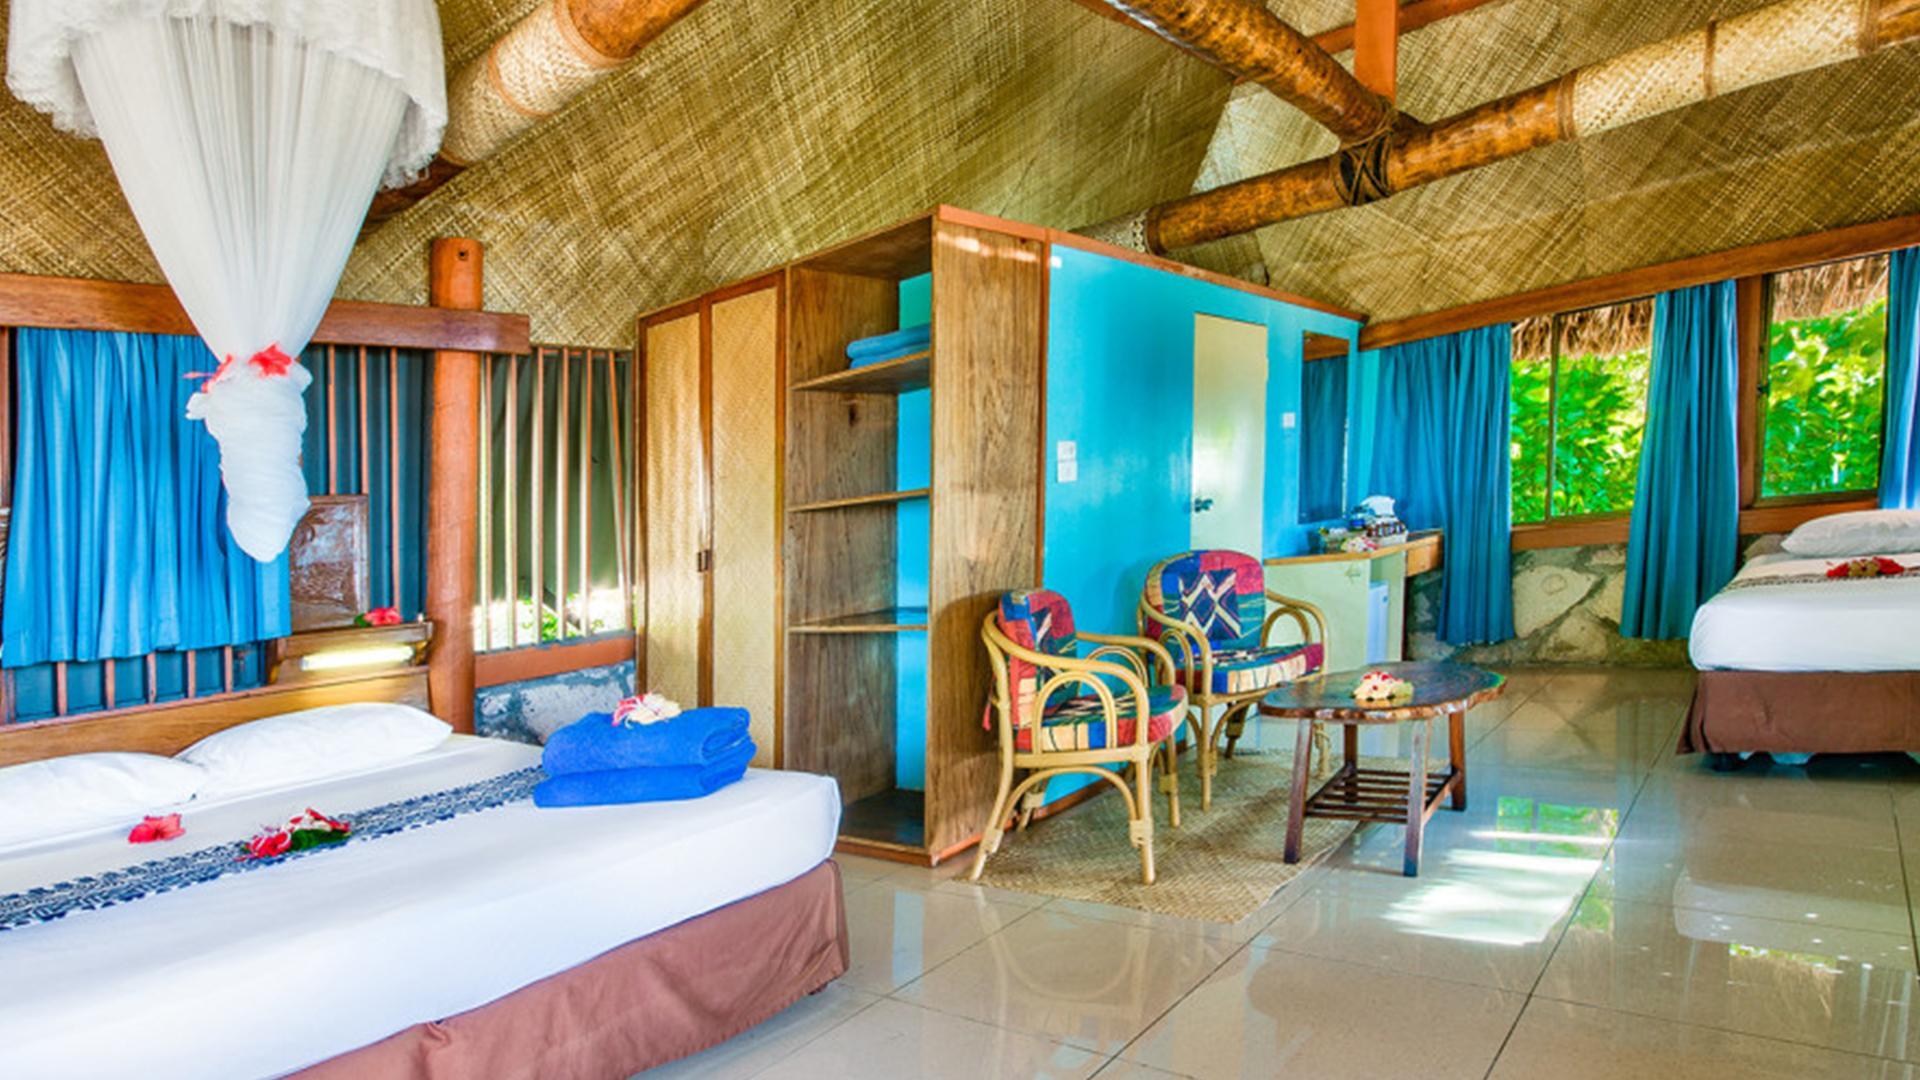 Beachfront Bure image 1 at Beachcomber Island Resort by null, null, Fiji